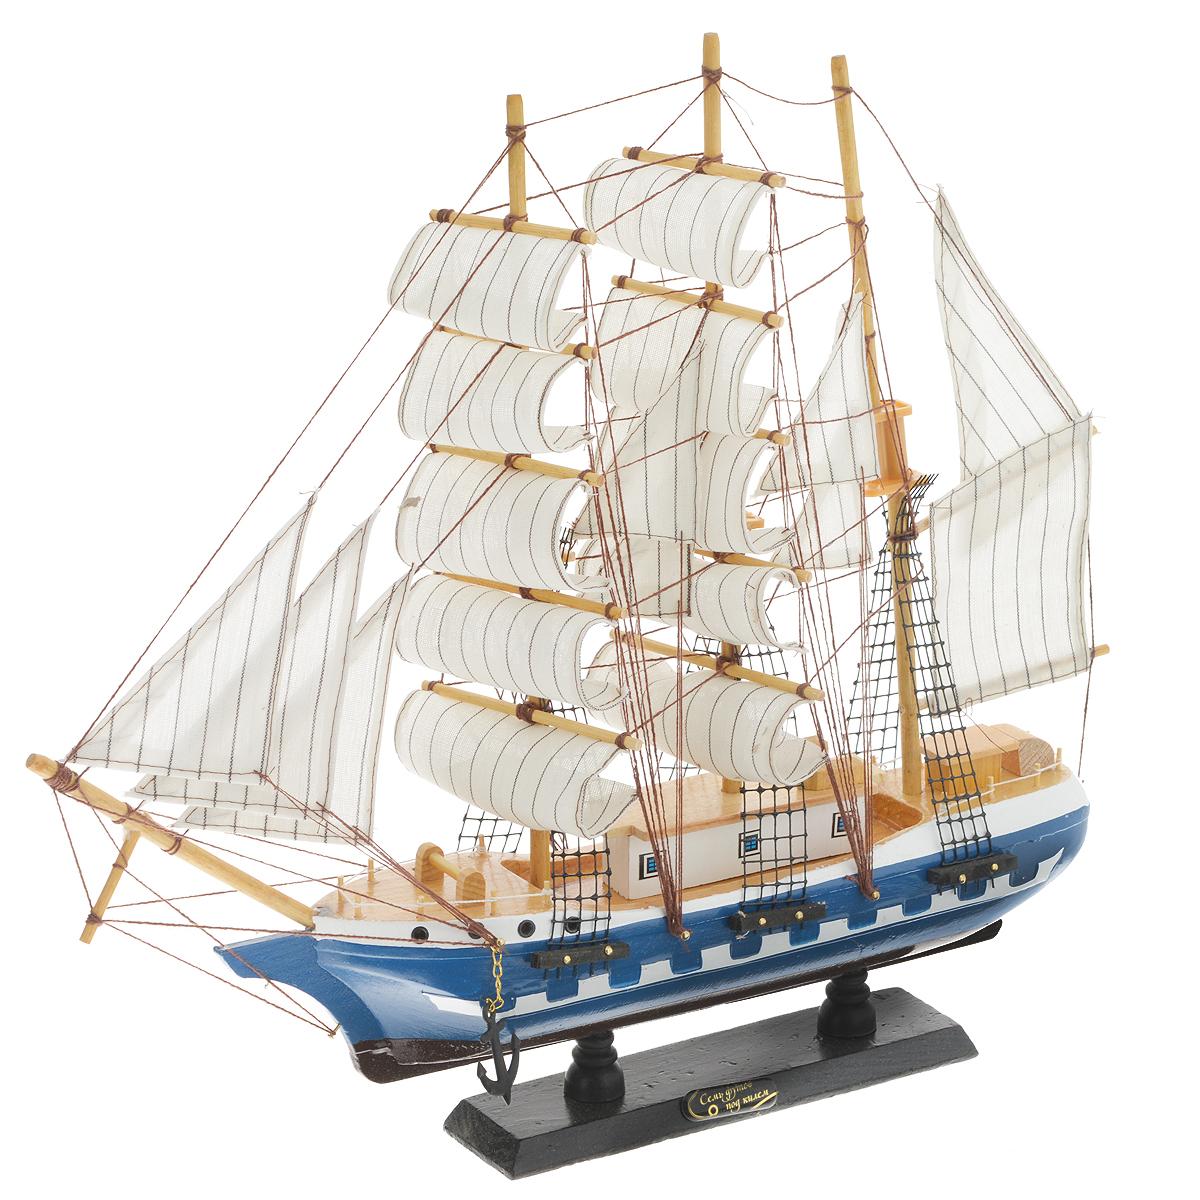 Корабль сувенирный Семь футов под килем, длина 45 см452039Сувенирный корабль Семь футов под килем, изготовленный из дерева и текстиля, это великолепный элемент декора рабочей зоны в офисе или кабинете. Корабль с парусами и якорями помещен на деревянную подставку. Время идет, и мы становимся свидетелями развития технического прогресса, новых учений и практик. Но одно не подвластно времени - это любовь человека к морю и кораблям. Сувенирный корабль наполнен историей и силой океанских вод. Данная модель кораблика станет отличным подарком для всех любителей морей, поклонников историй о покорении океанов и неизведанных земель. Модель корабля - подарок со смыслом. Издавна на Руси считалось, что корабли приносят удачу и везение. Поэтому их изображения, фигурки и точные копии всегда присутствовали в помещениях. Удивите себя и своих близких необычным презентом.